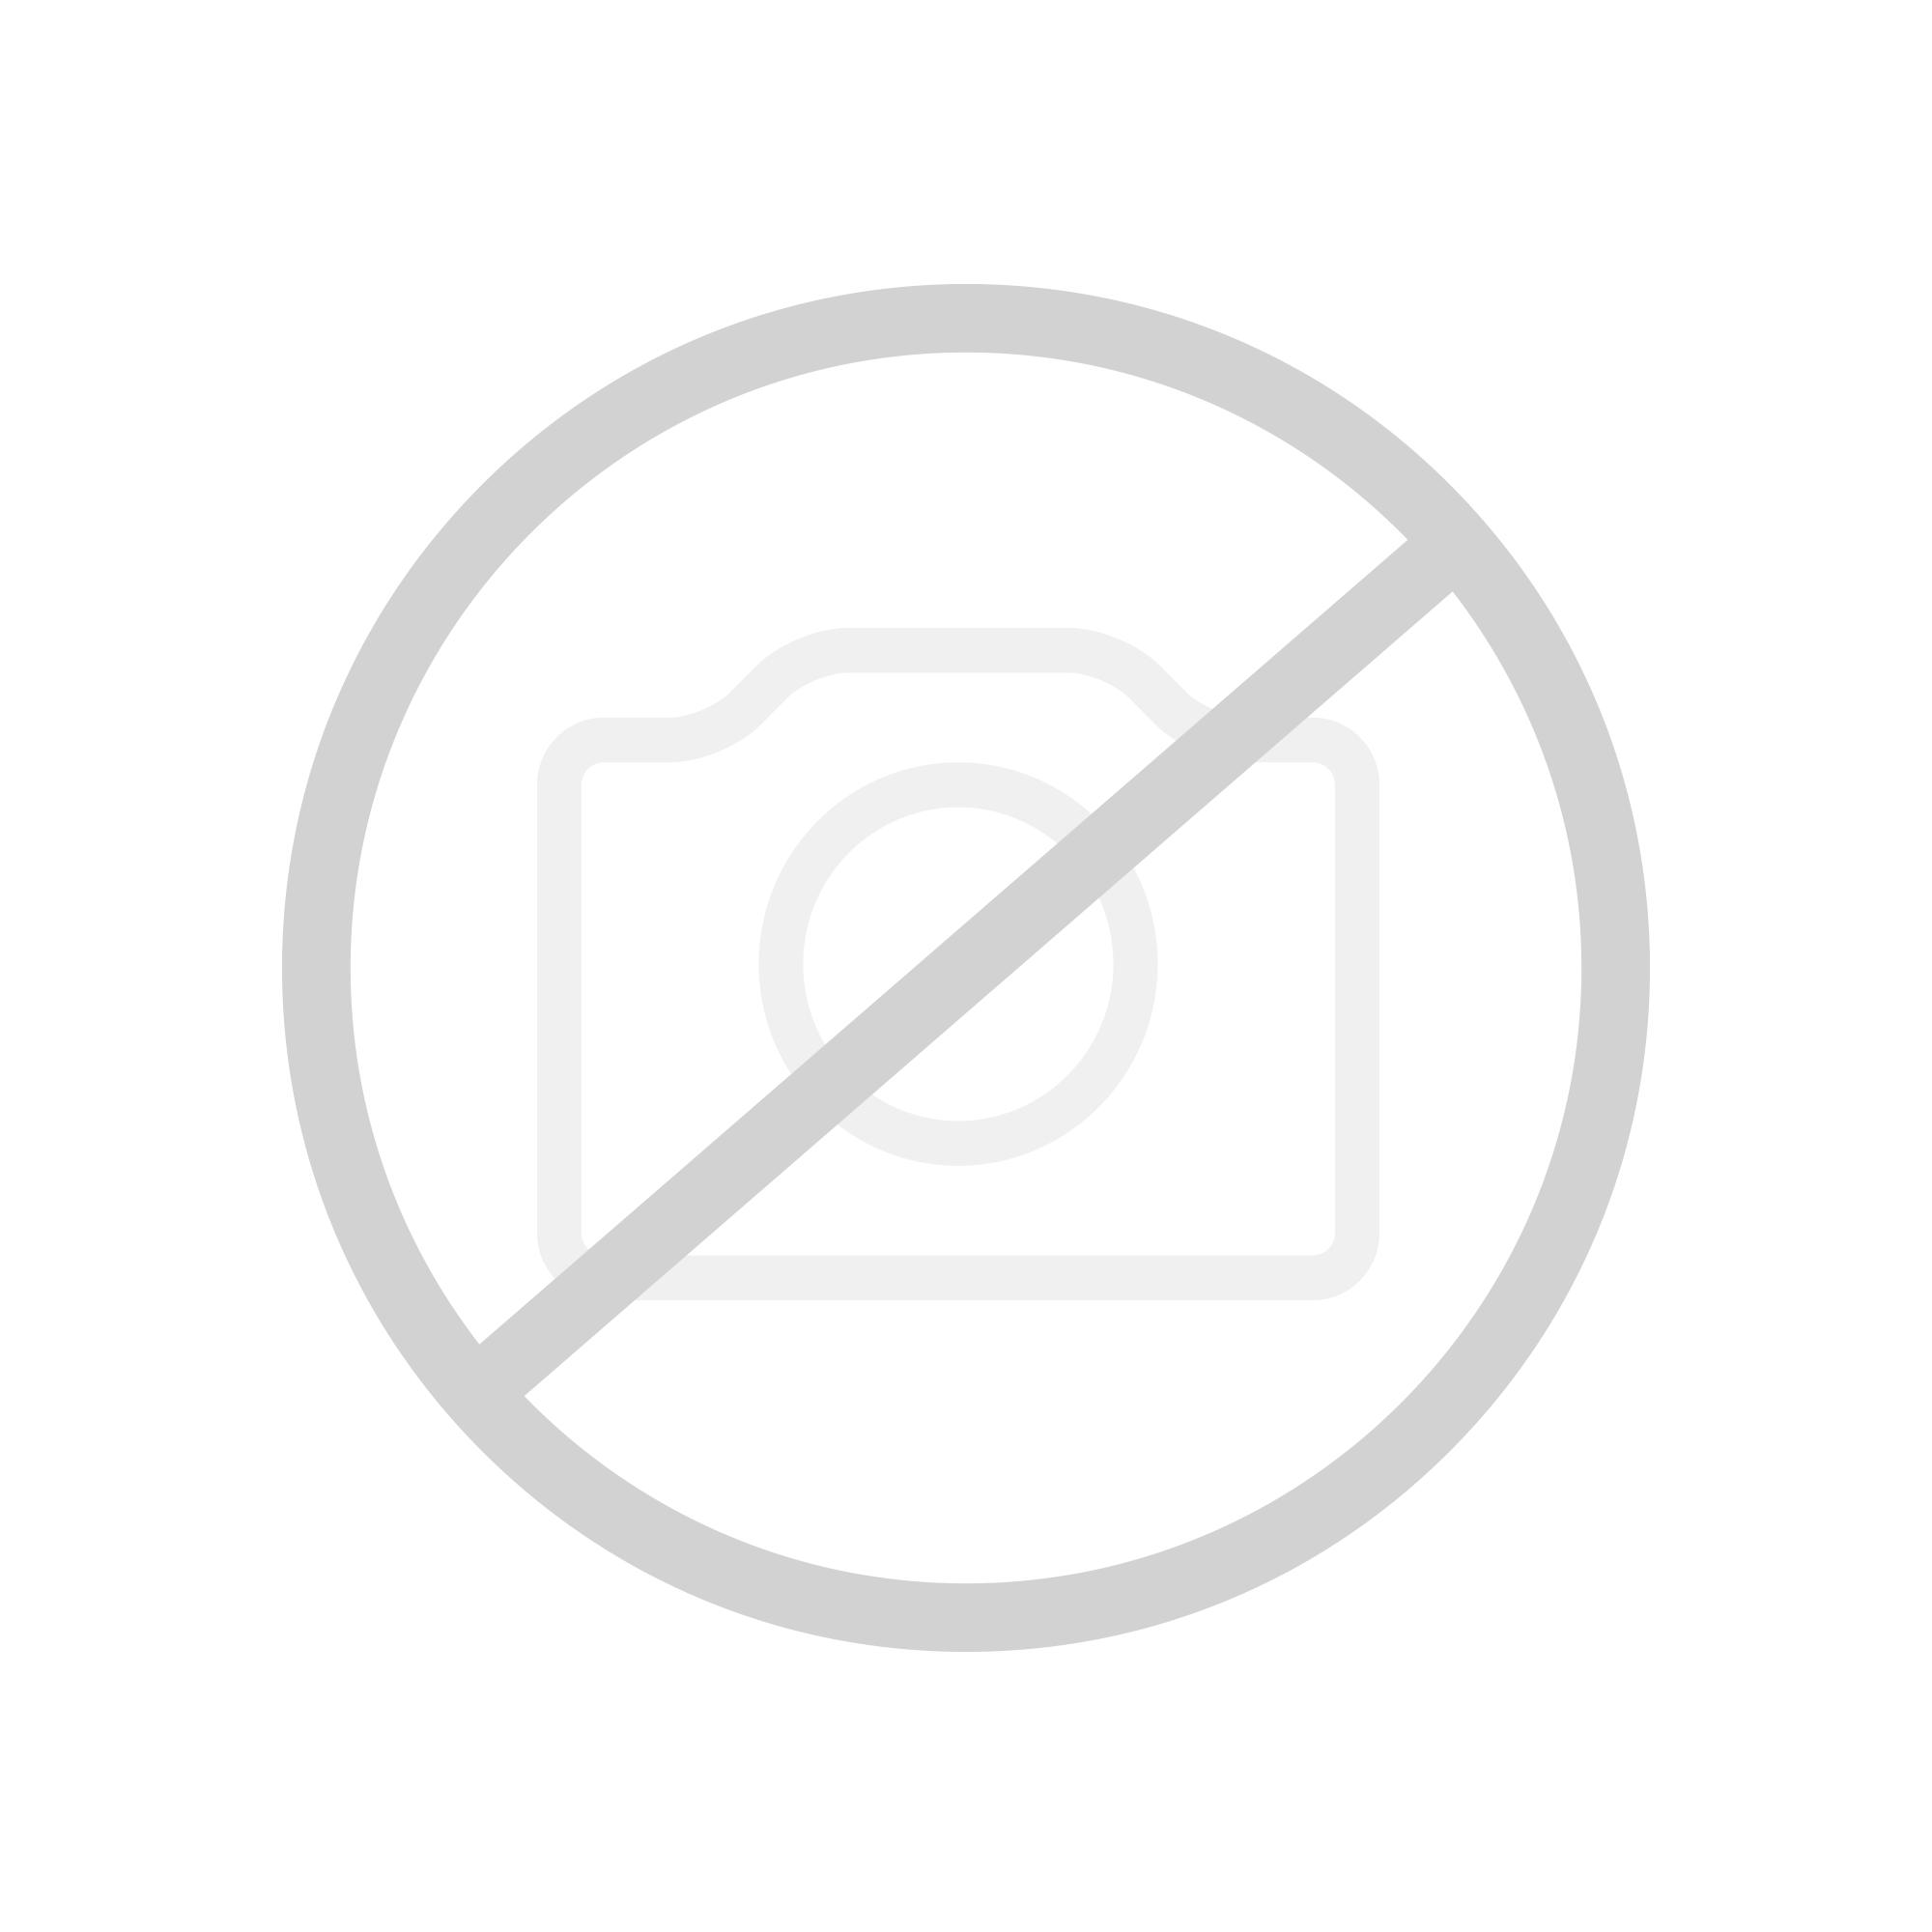 Geberit AquaClean 8000plus Dusch-WC Komplettanlage, UP, wandhängend L: 61,5 B: 42 cm weiß